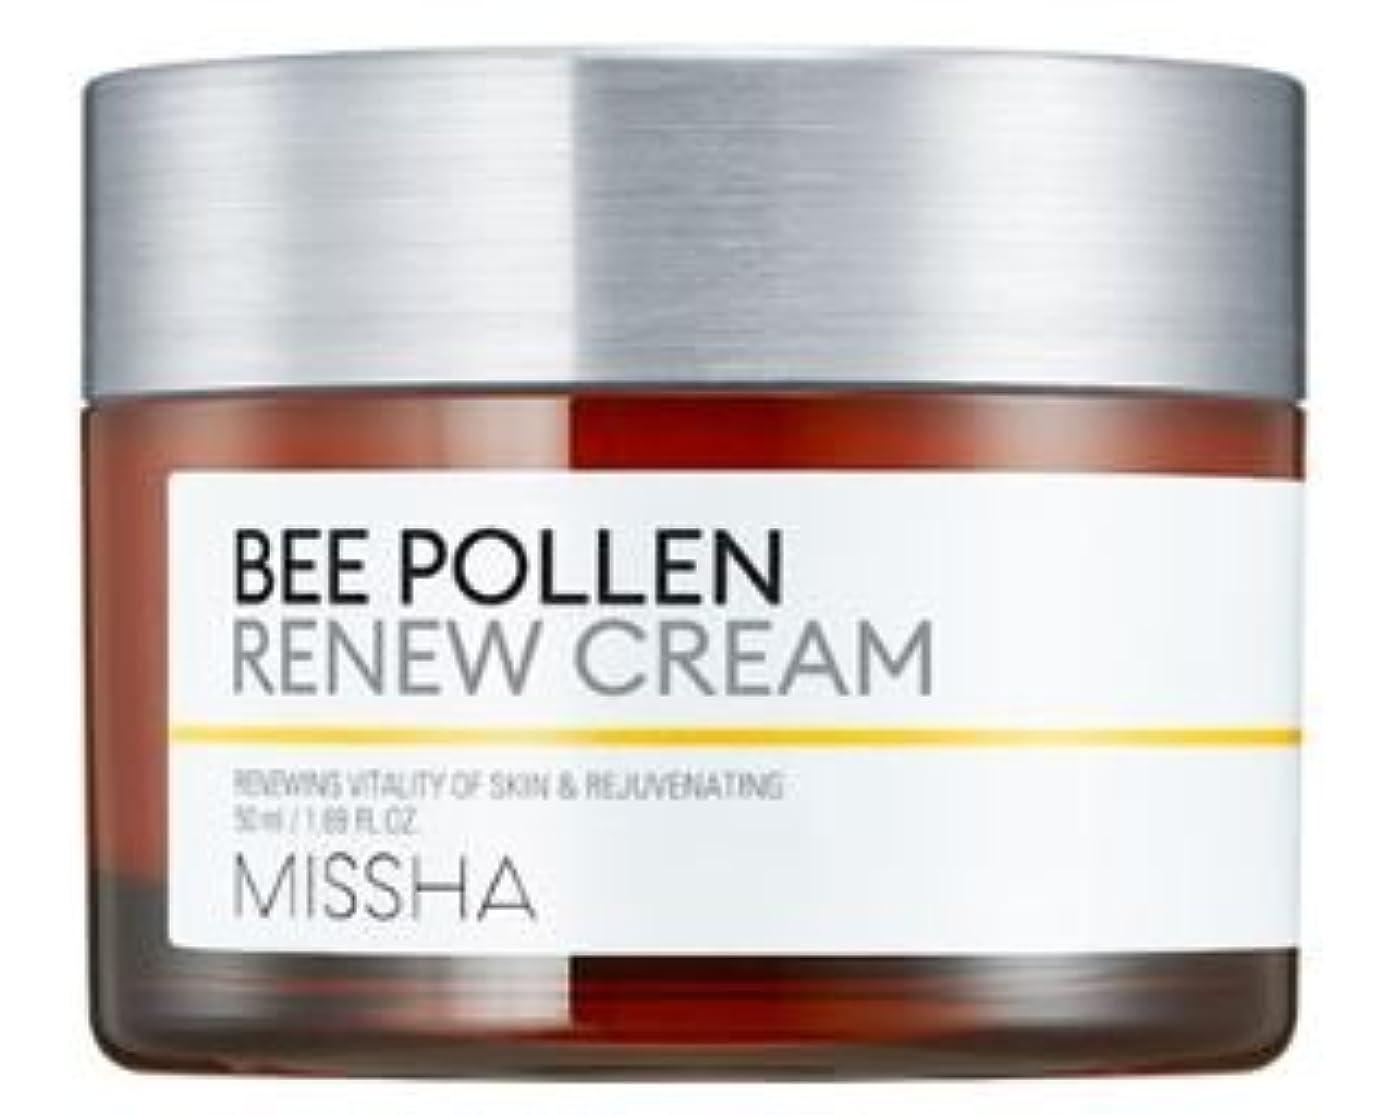 逆鼻リボン[Missha] Bee Pollen Renew Cream 50ml/[ミシャ] ビーポレンリニュークリーム50ml [並行輸入品]